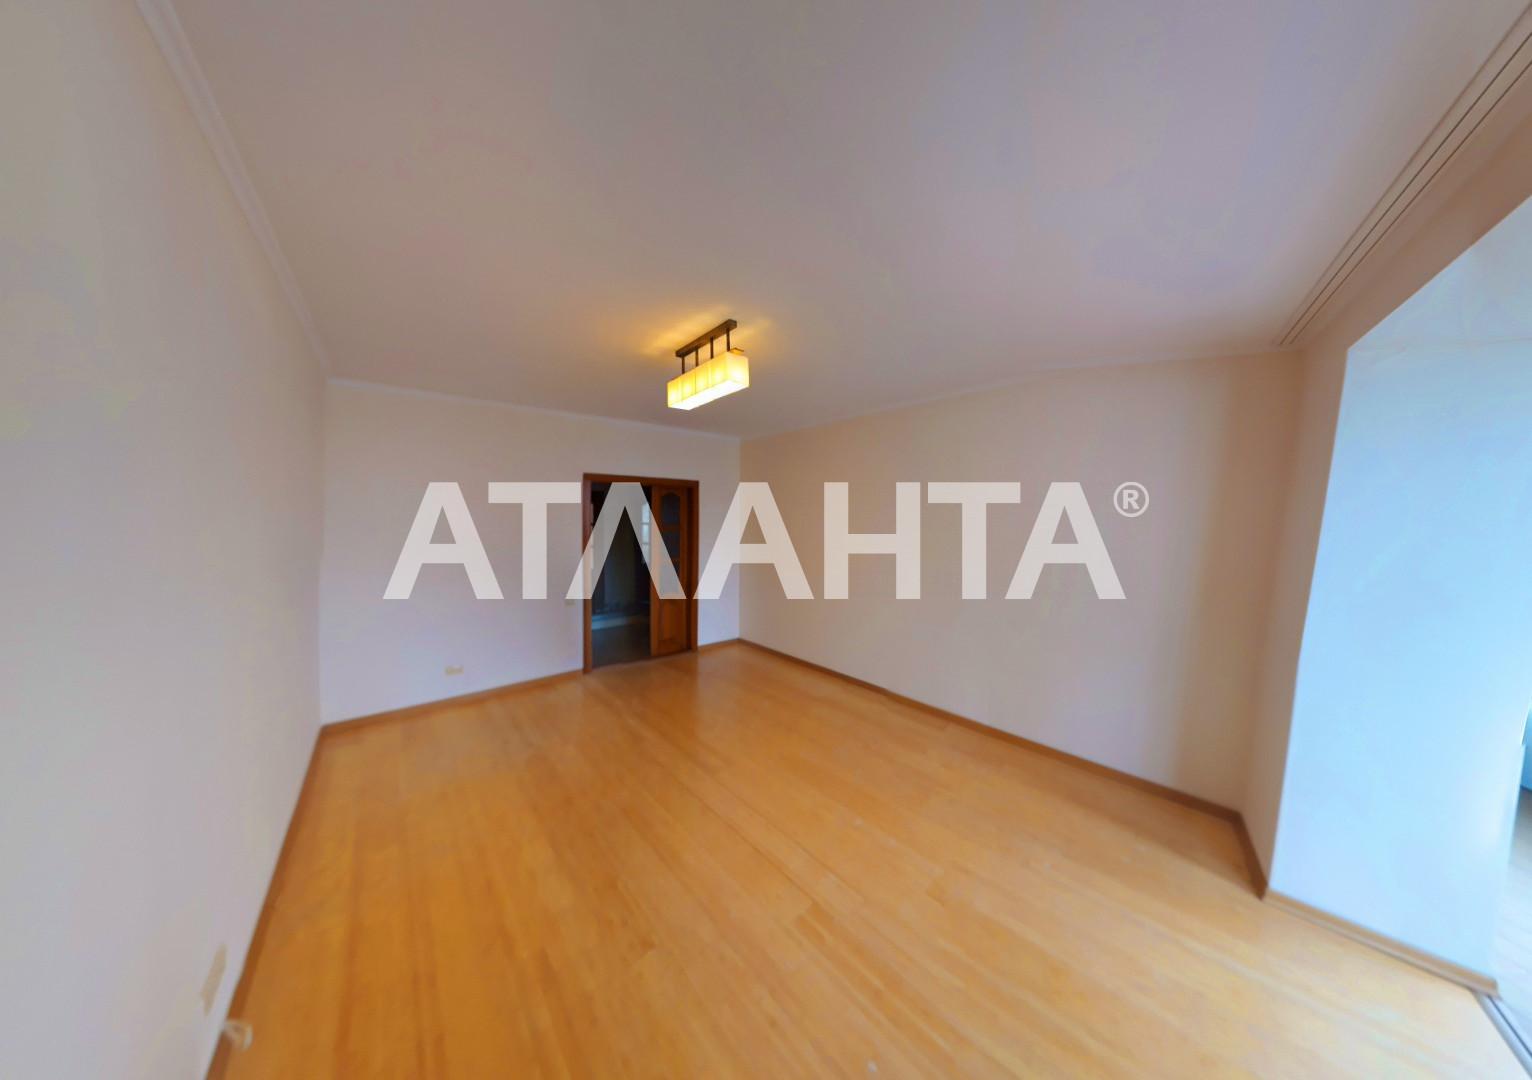 Продается 3-комнатная Квартира на ул. Конева — 118 000 у.е. (фото №8)